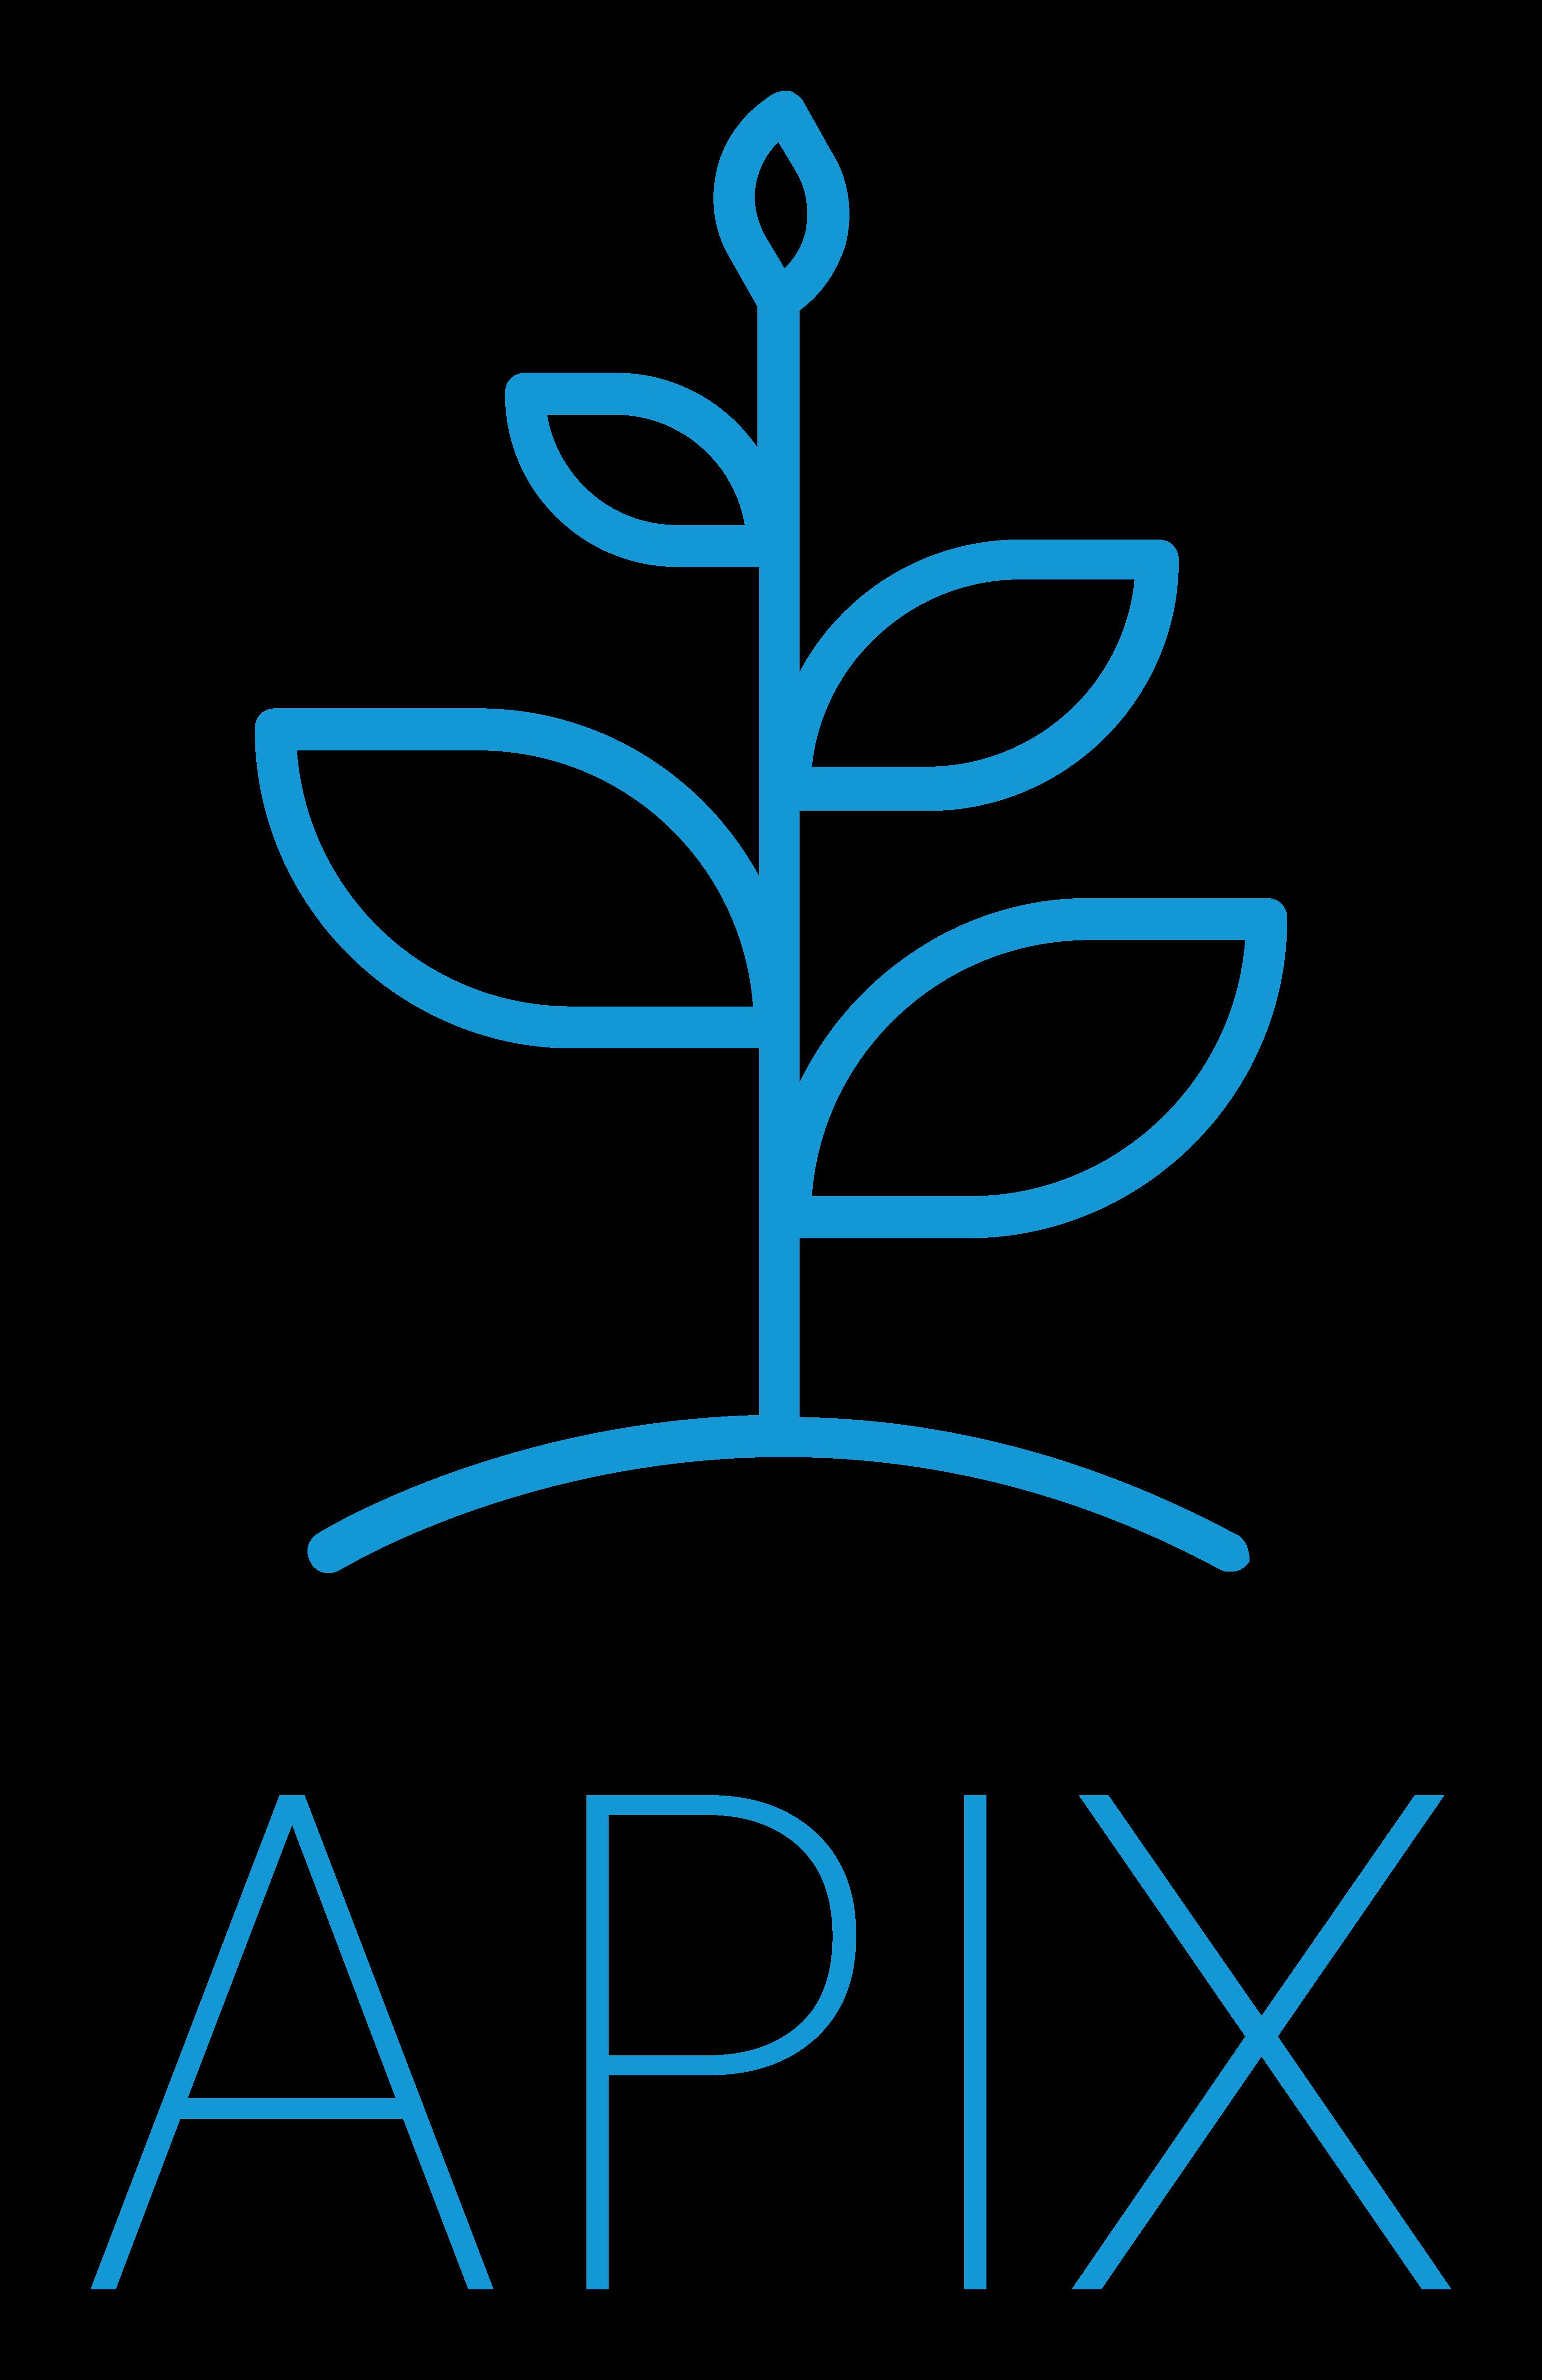 Apix Consultants